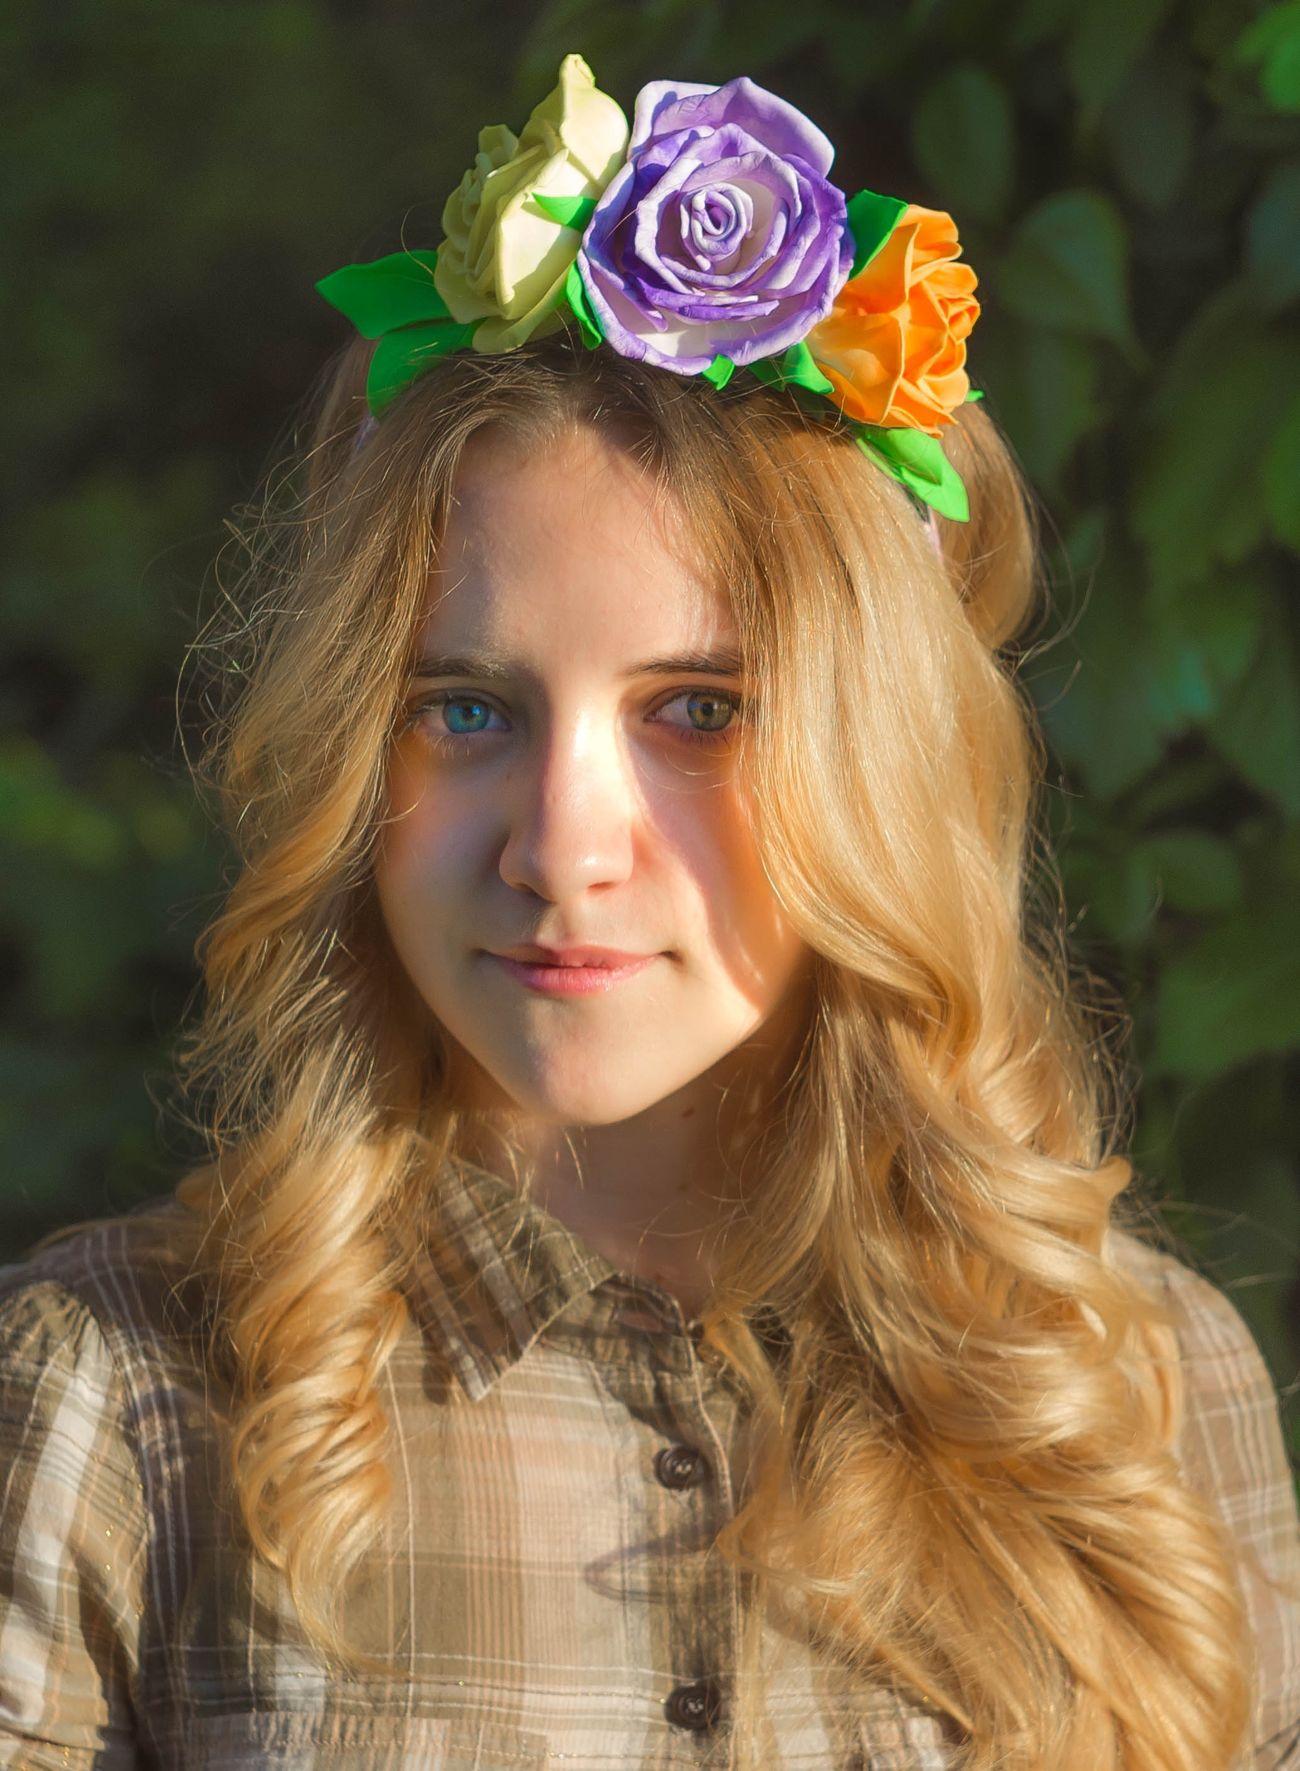 Portrait Gerl Flowers Pentax